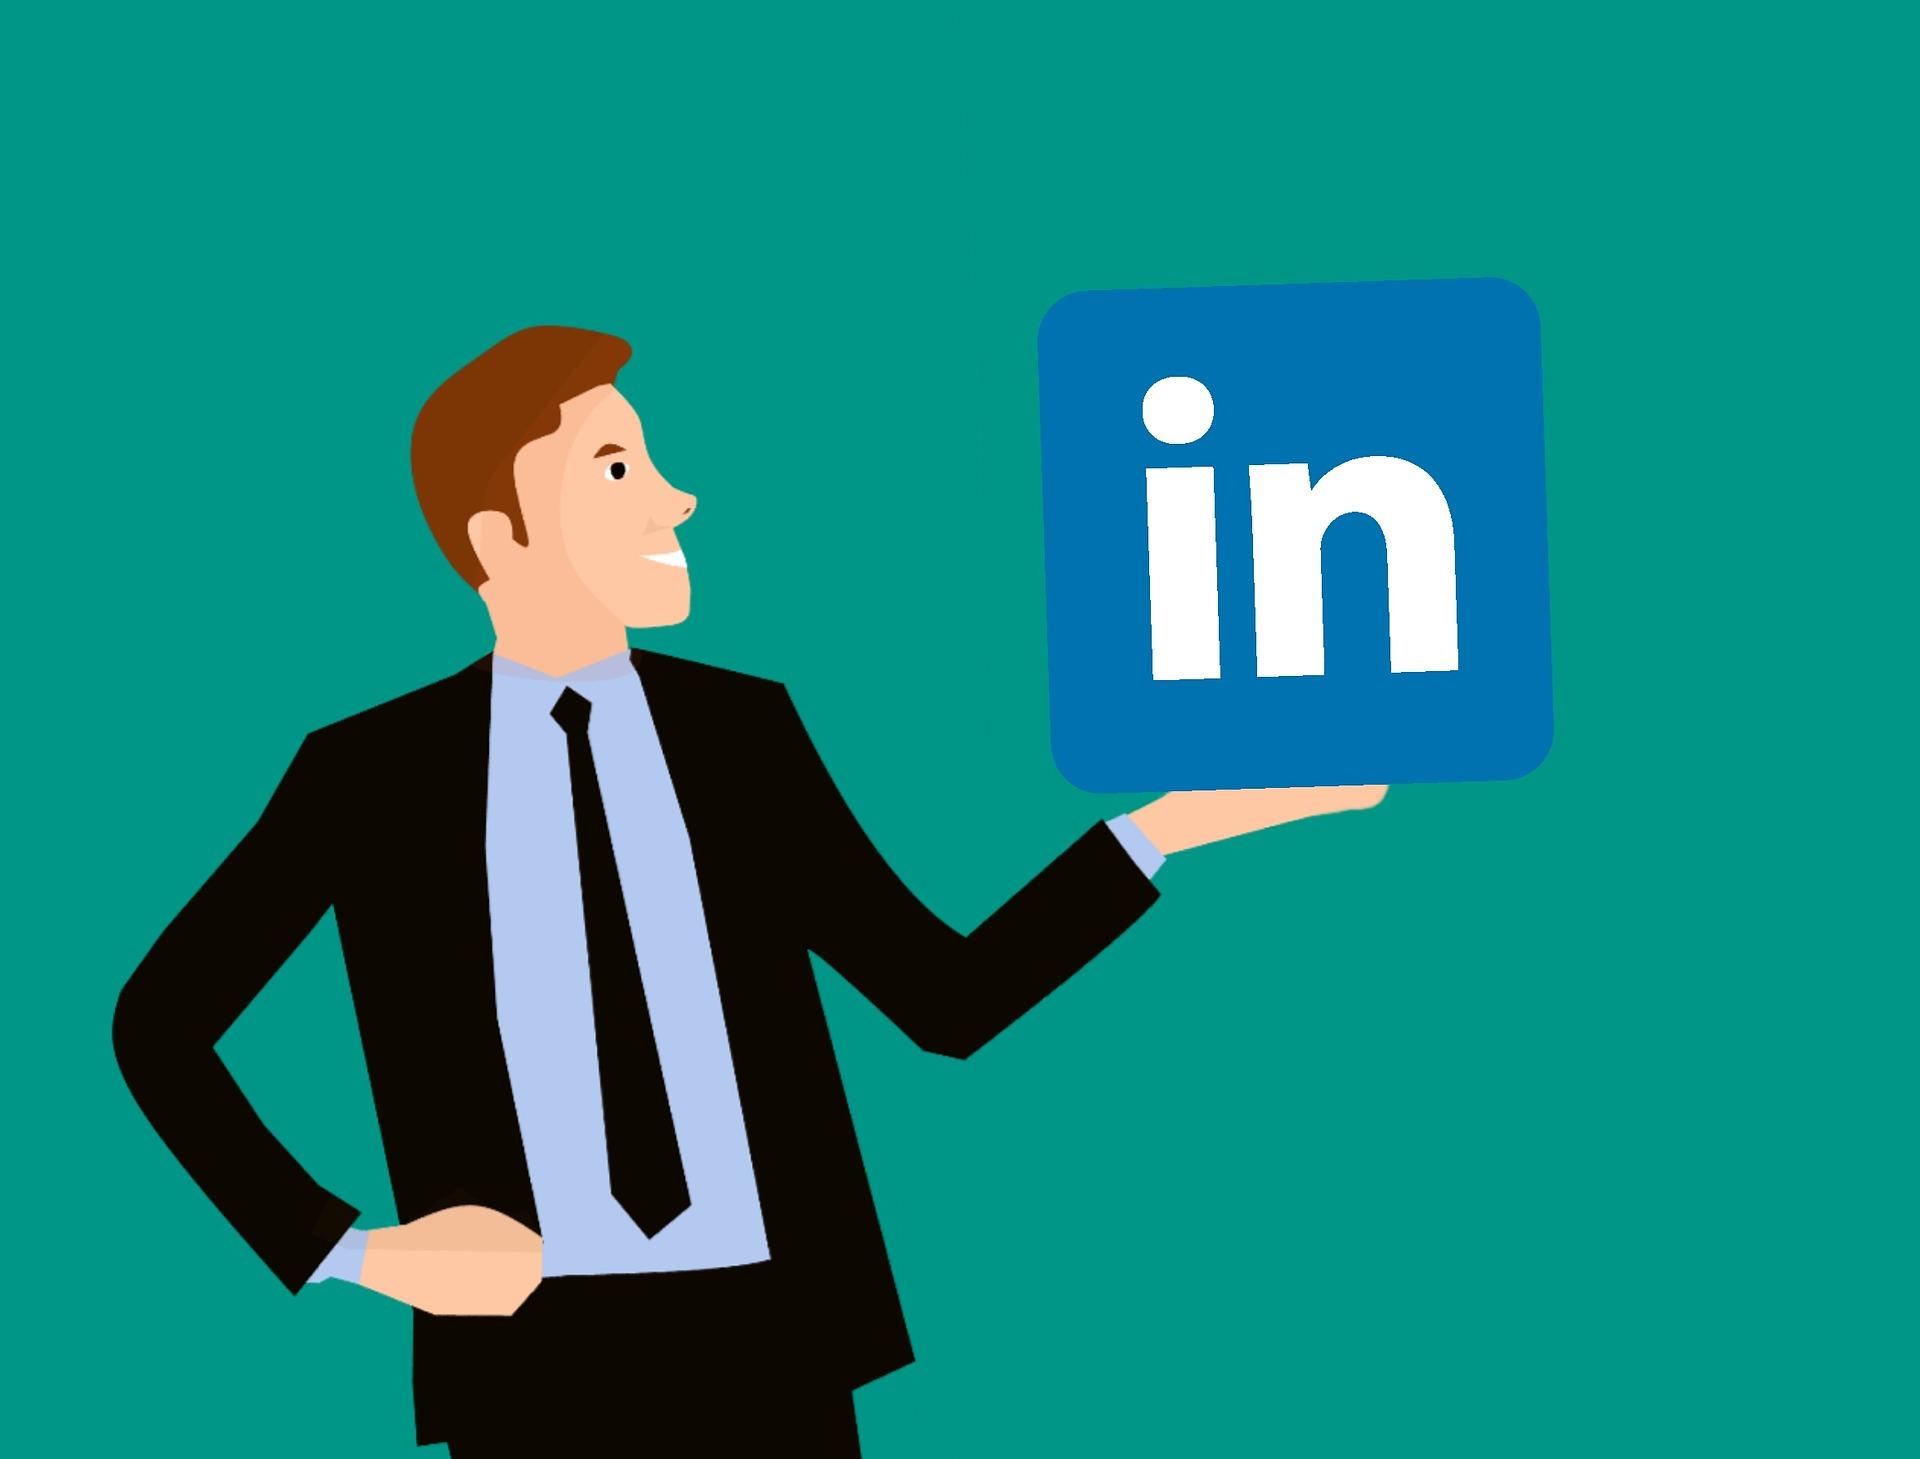 LinkedIn e marketing digital: como aprimorar o relacionamento com seus clientes